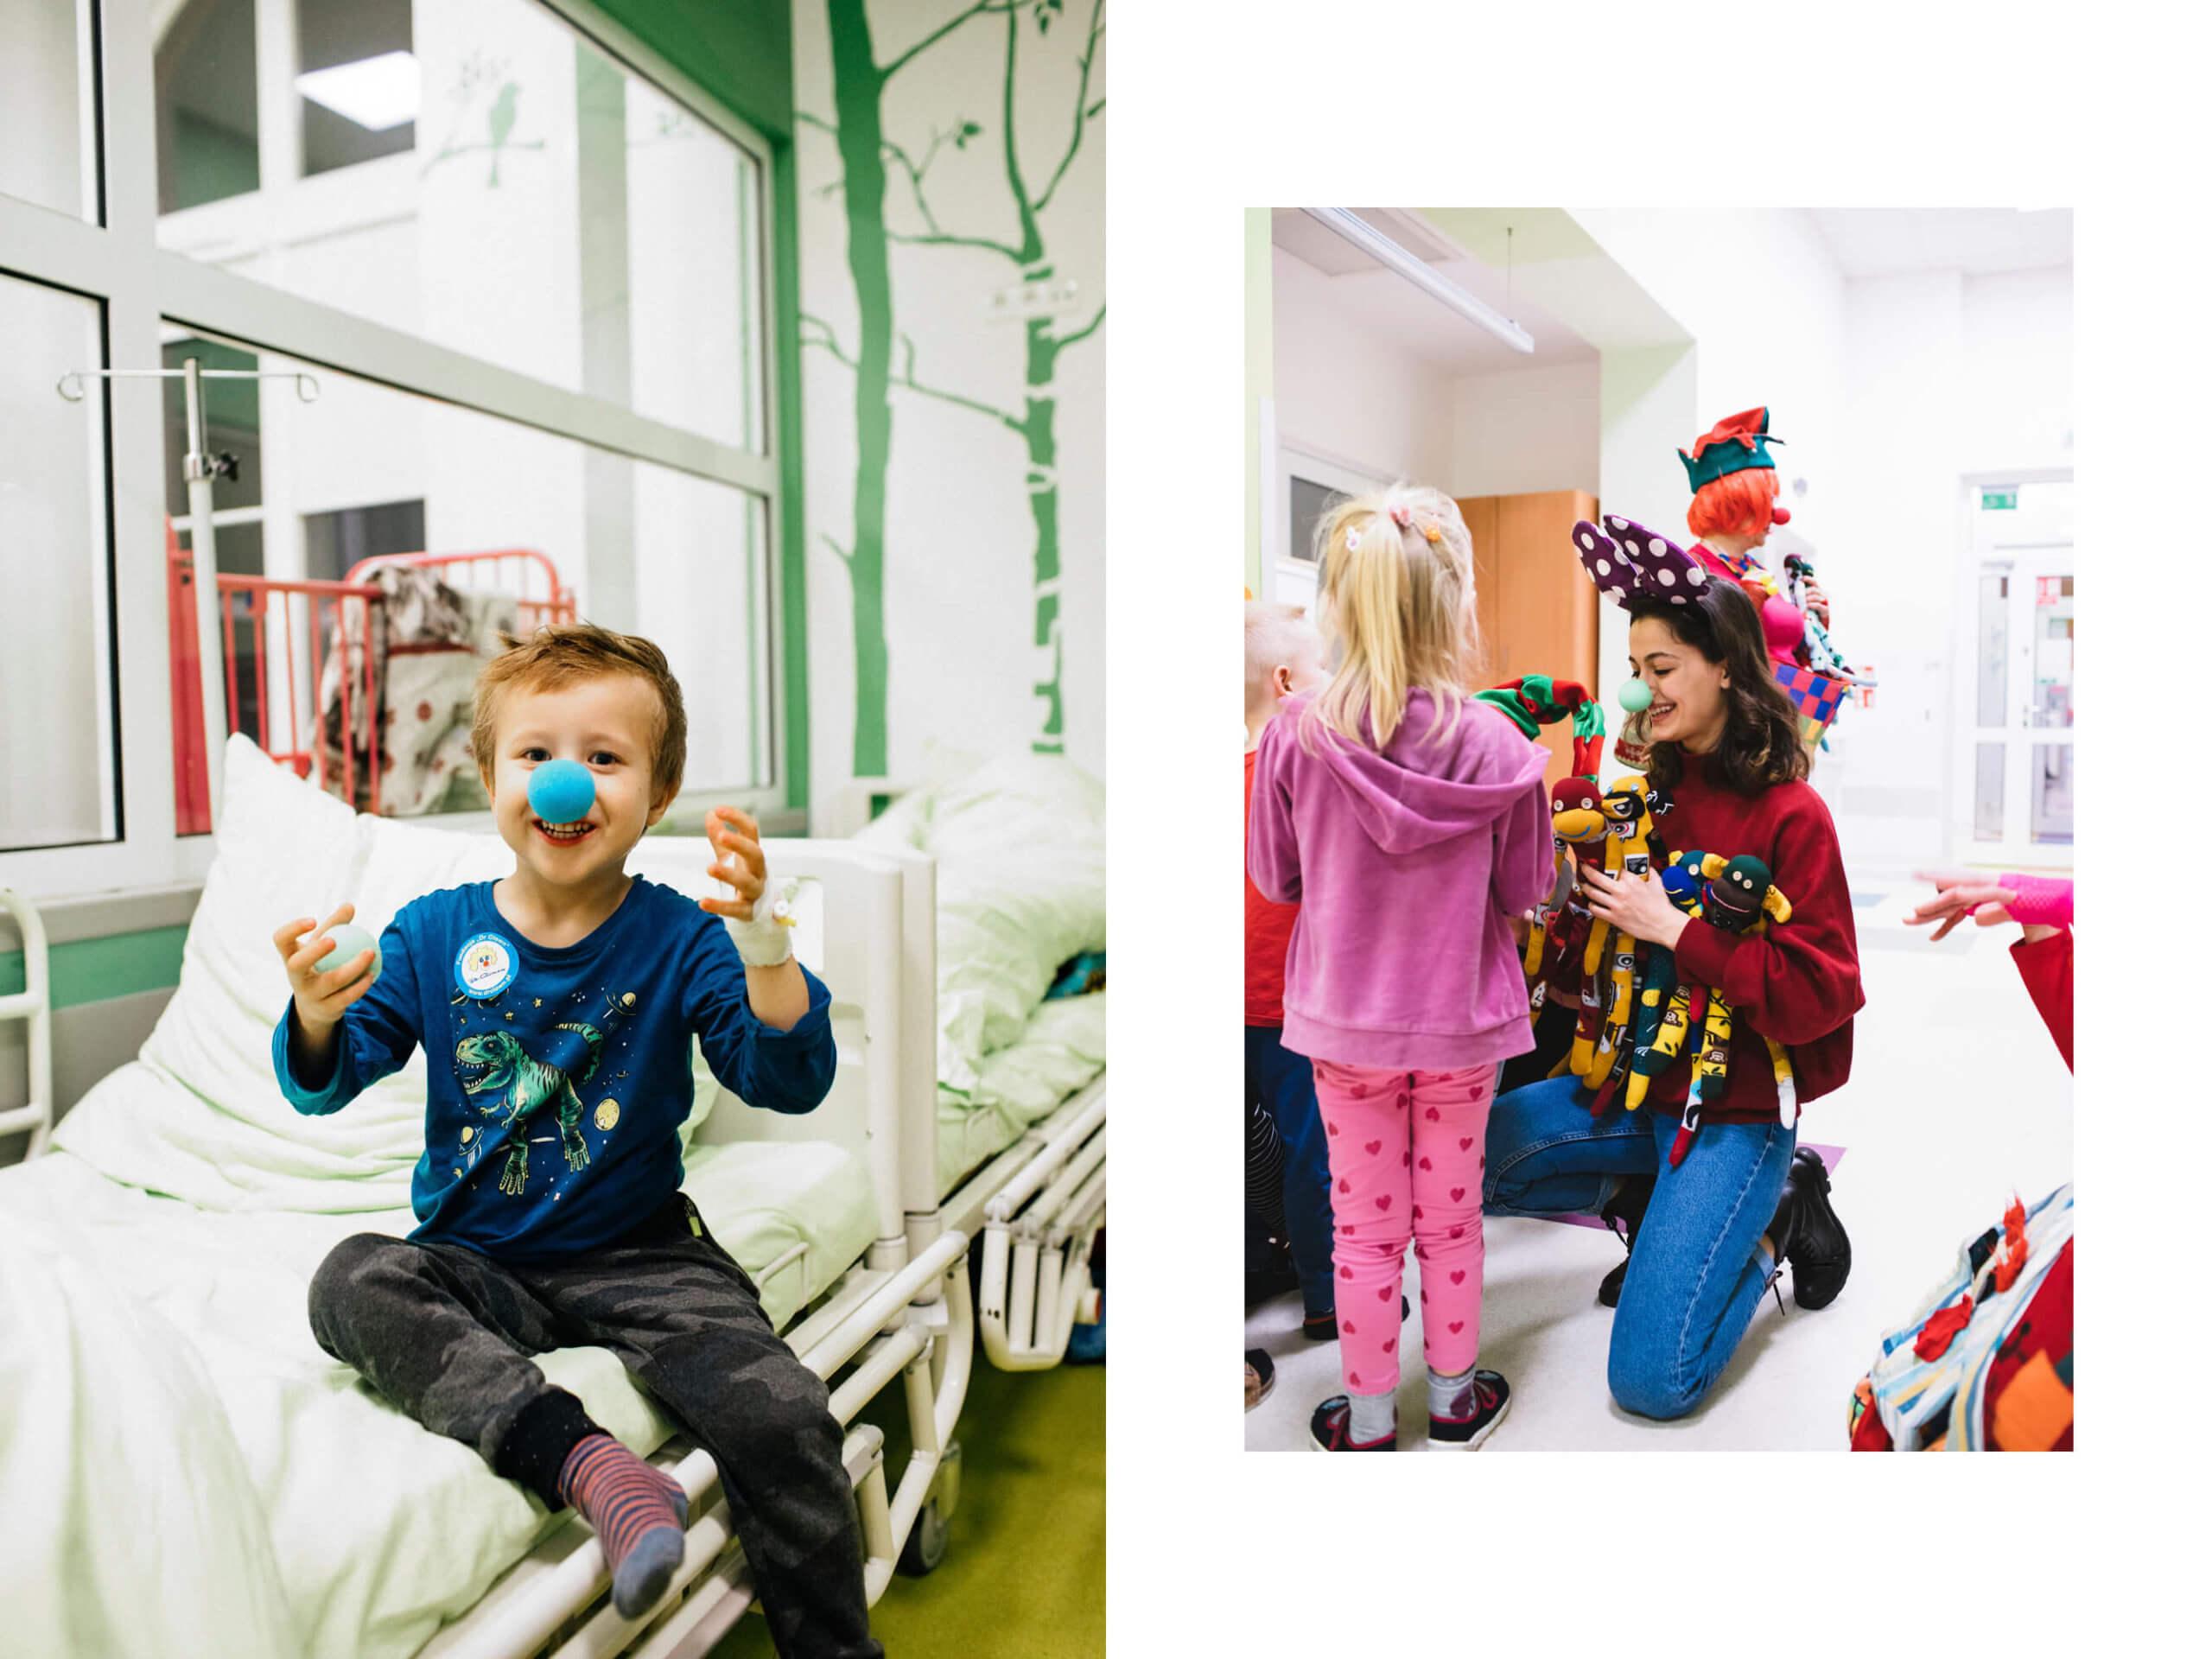 Share a pair i skarpetkowe małpki na oddziałach dziecięcych